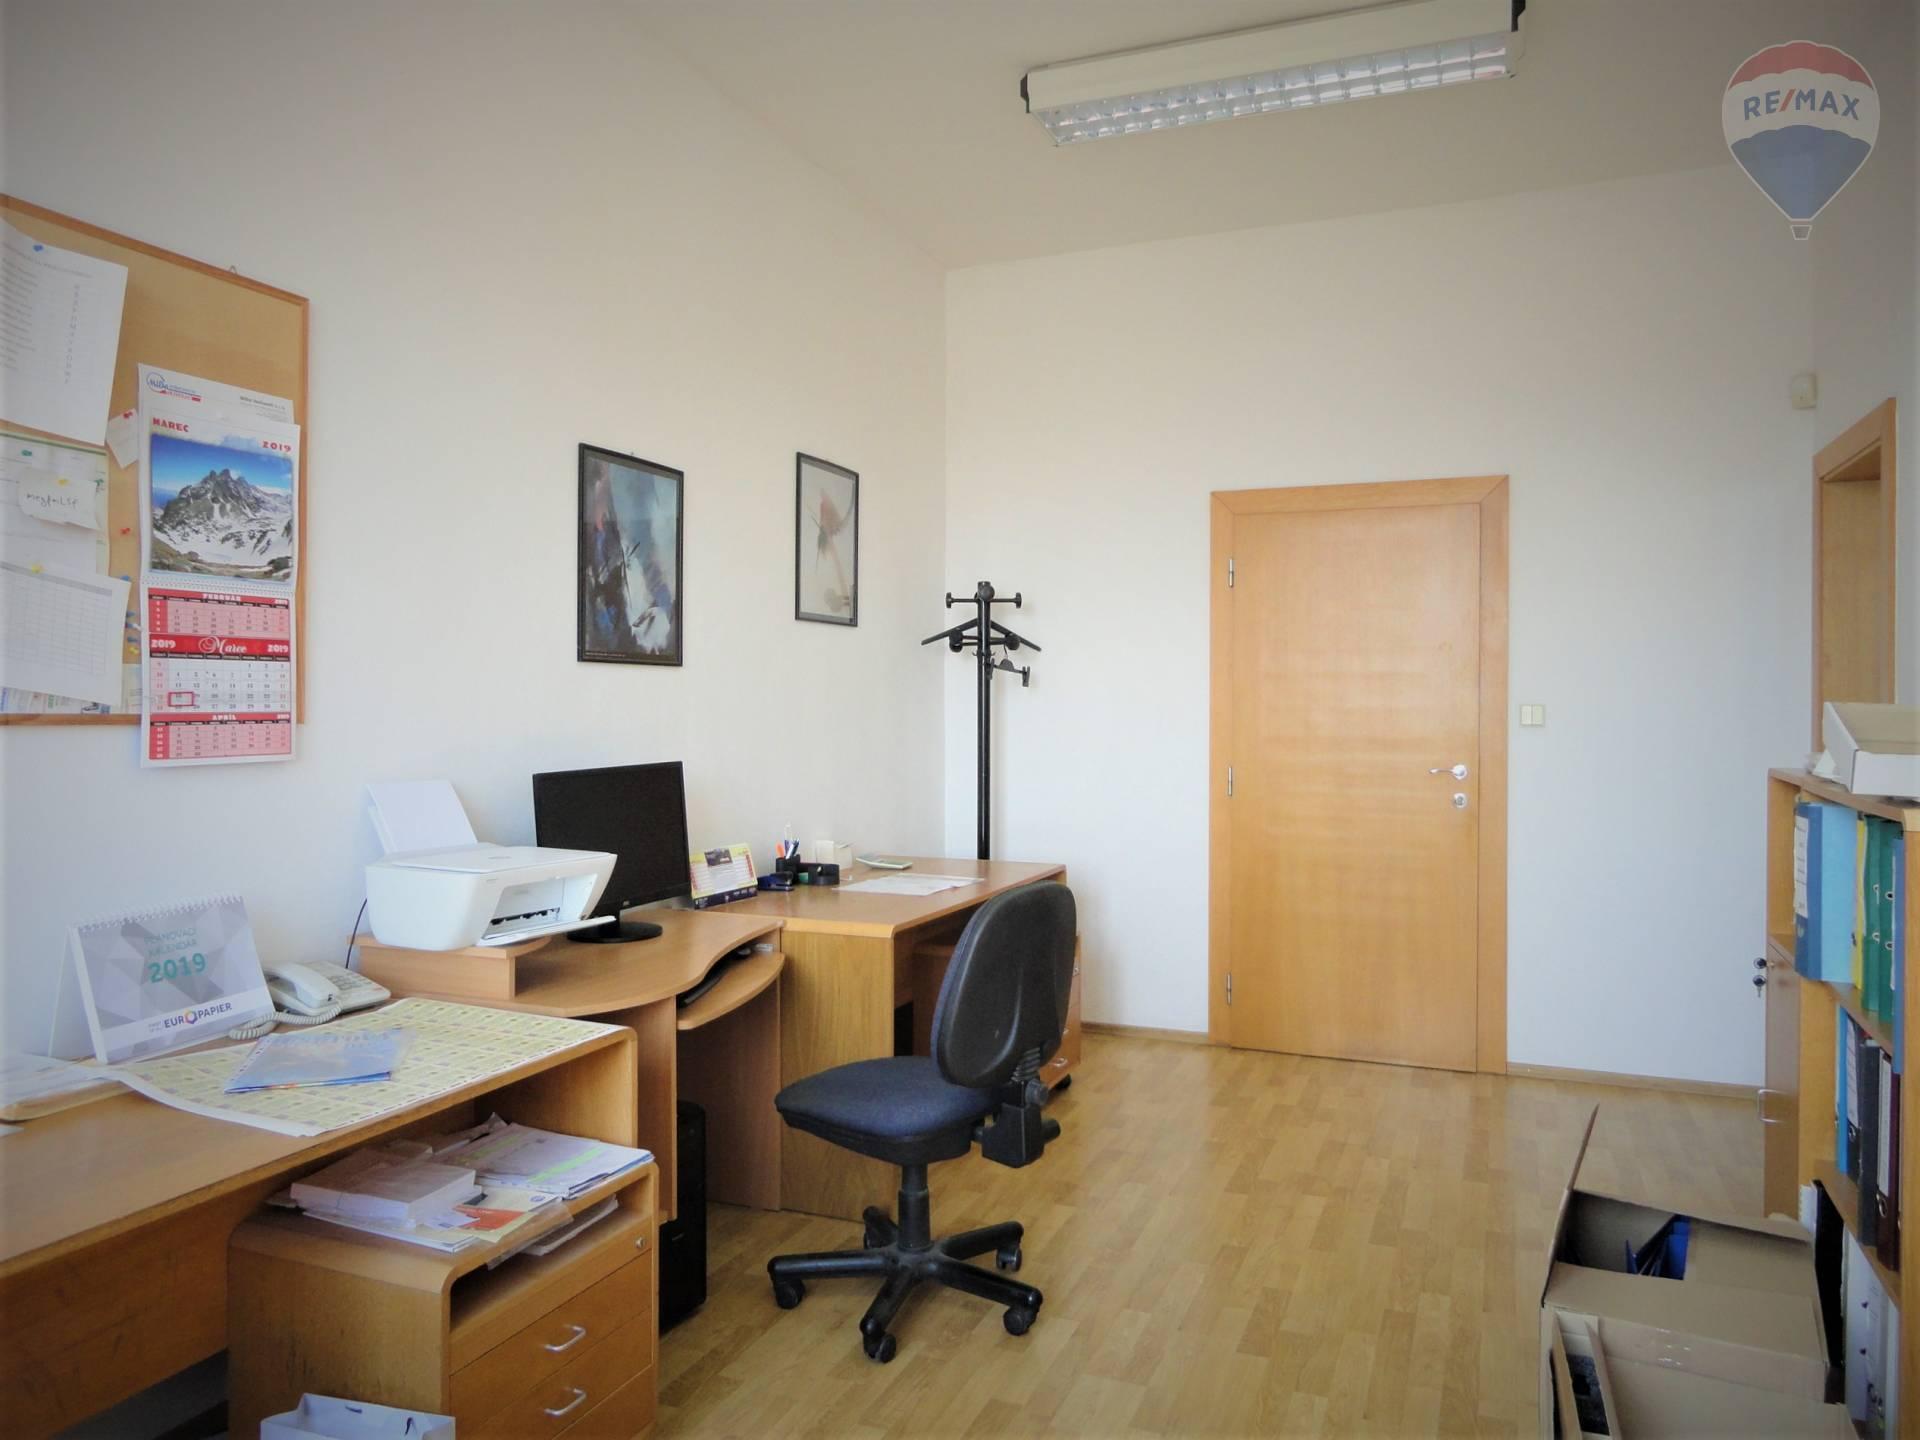 Na prenájom kancelársky priestor Spišská Nová Ves